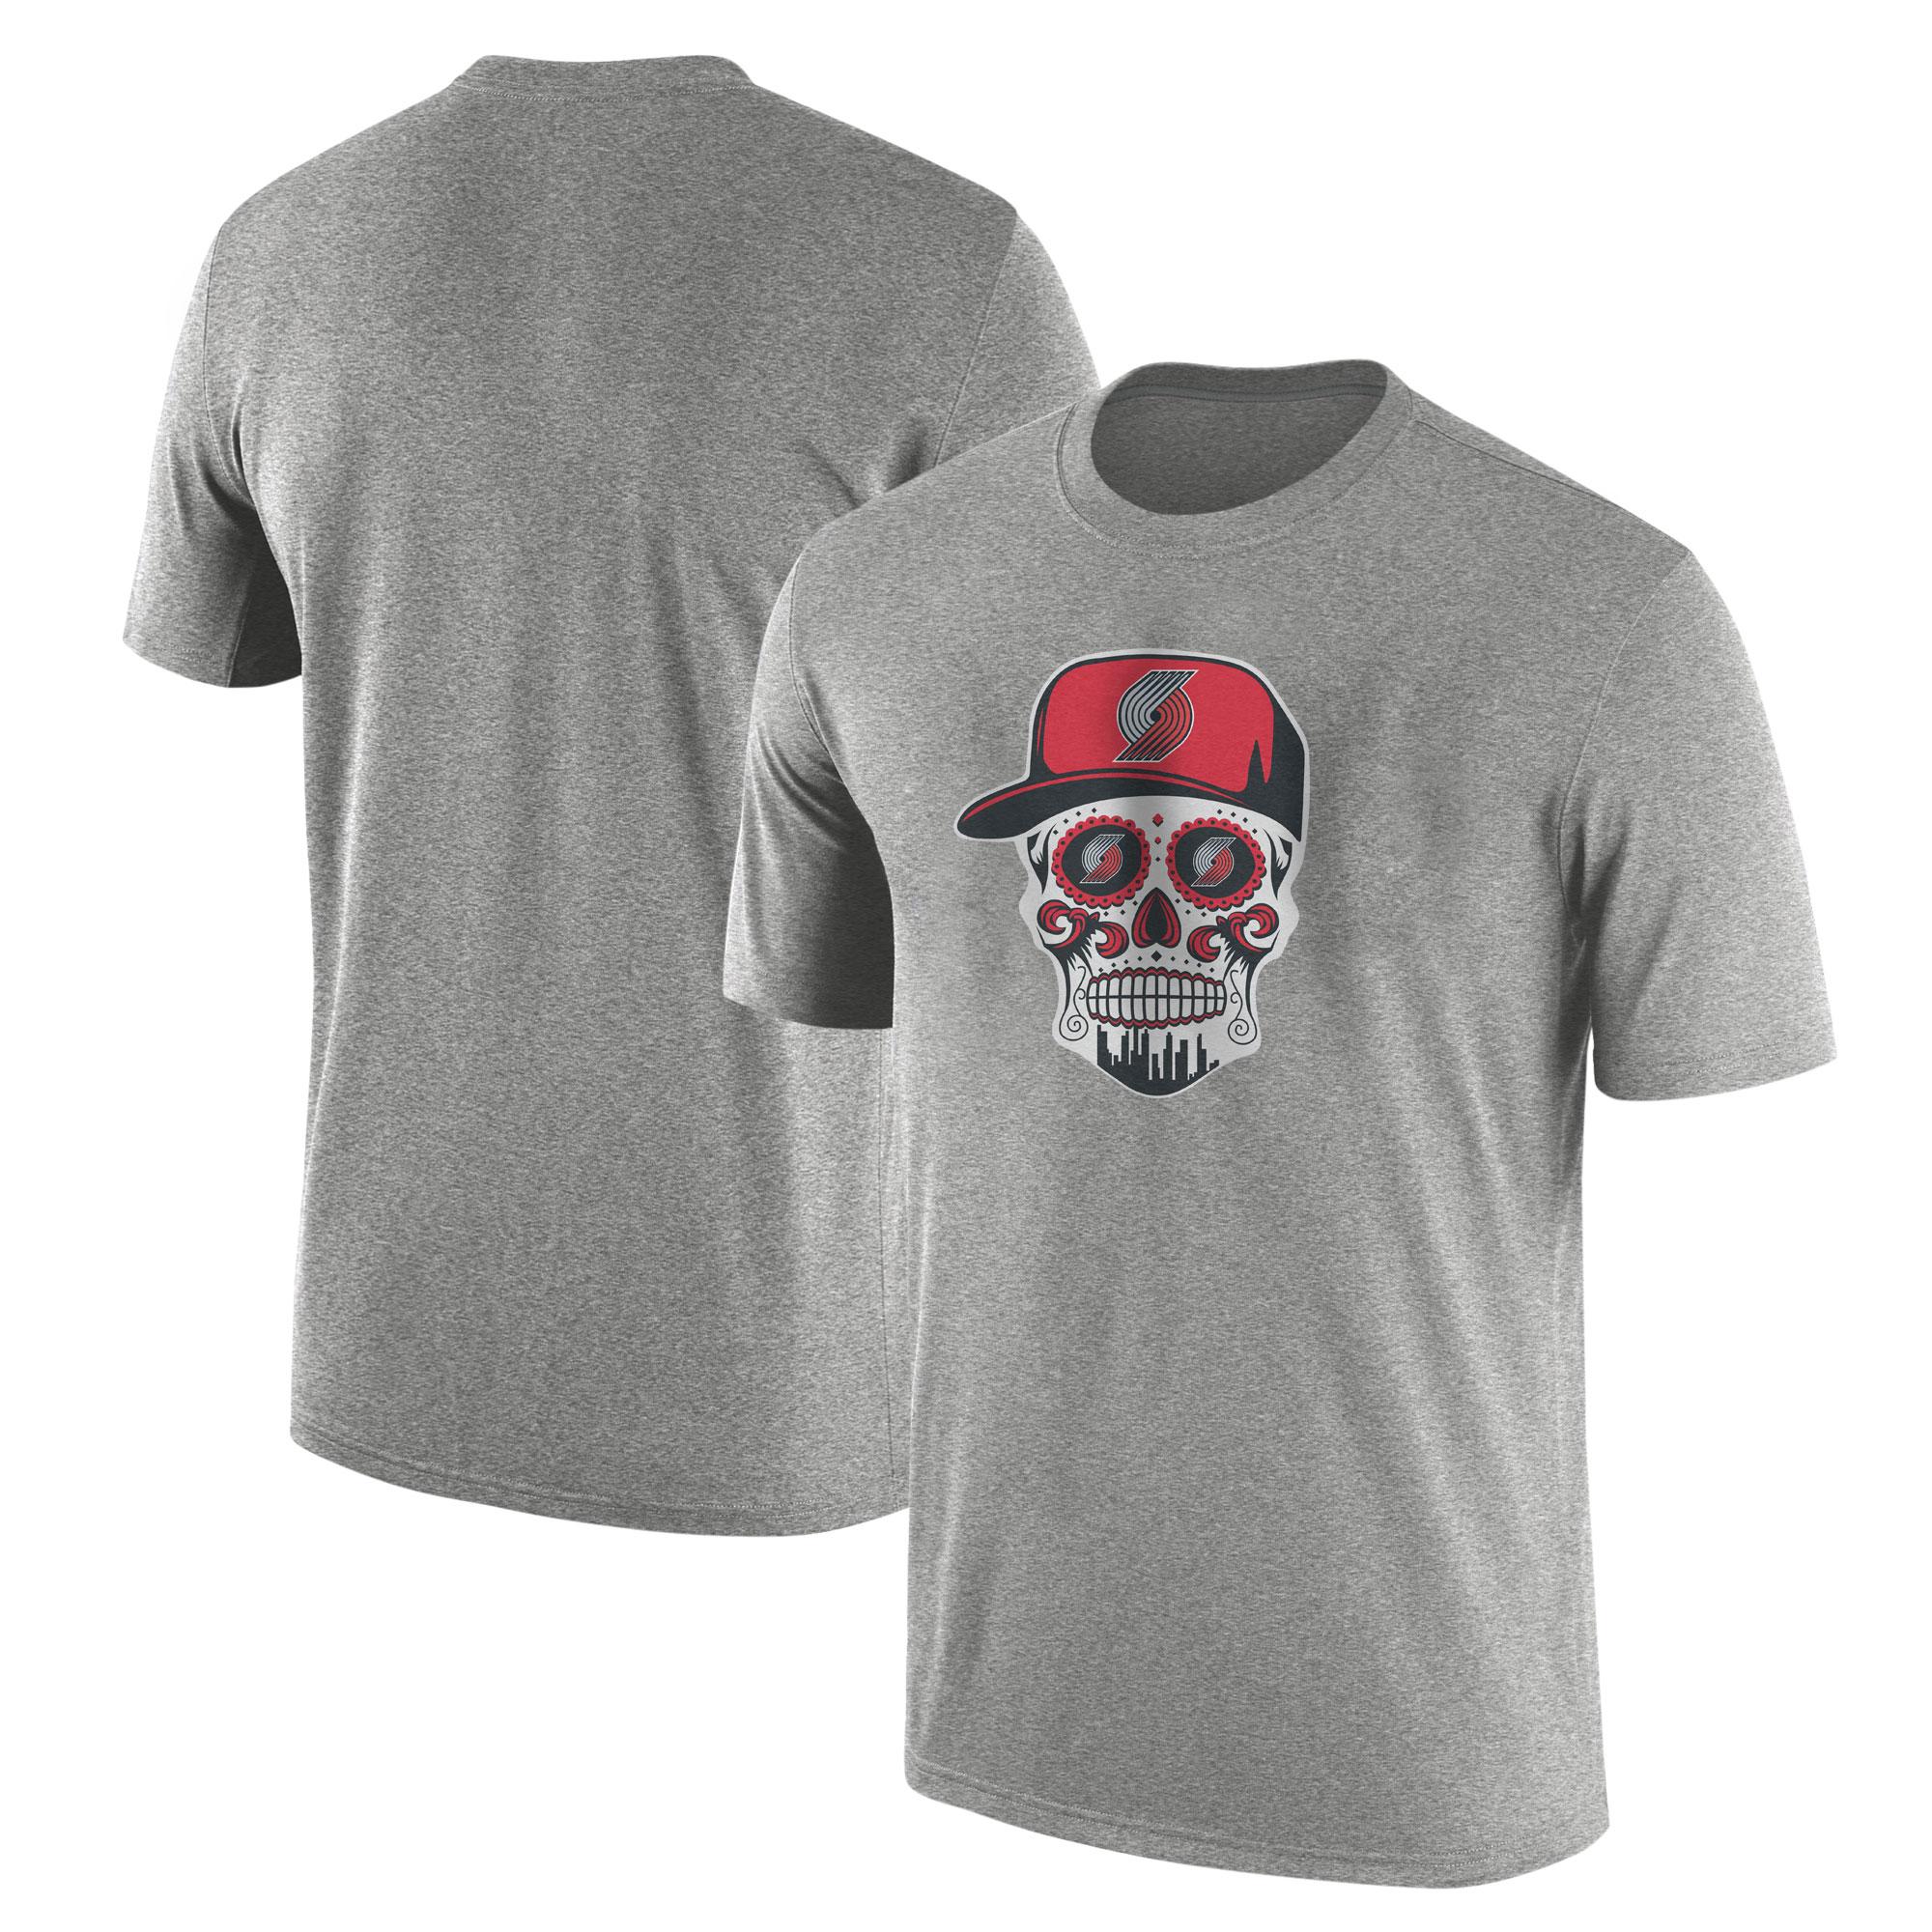 Portland Skull Tshirt (TSH-GRY-NP-462-NBA-POR-SKULL)